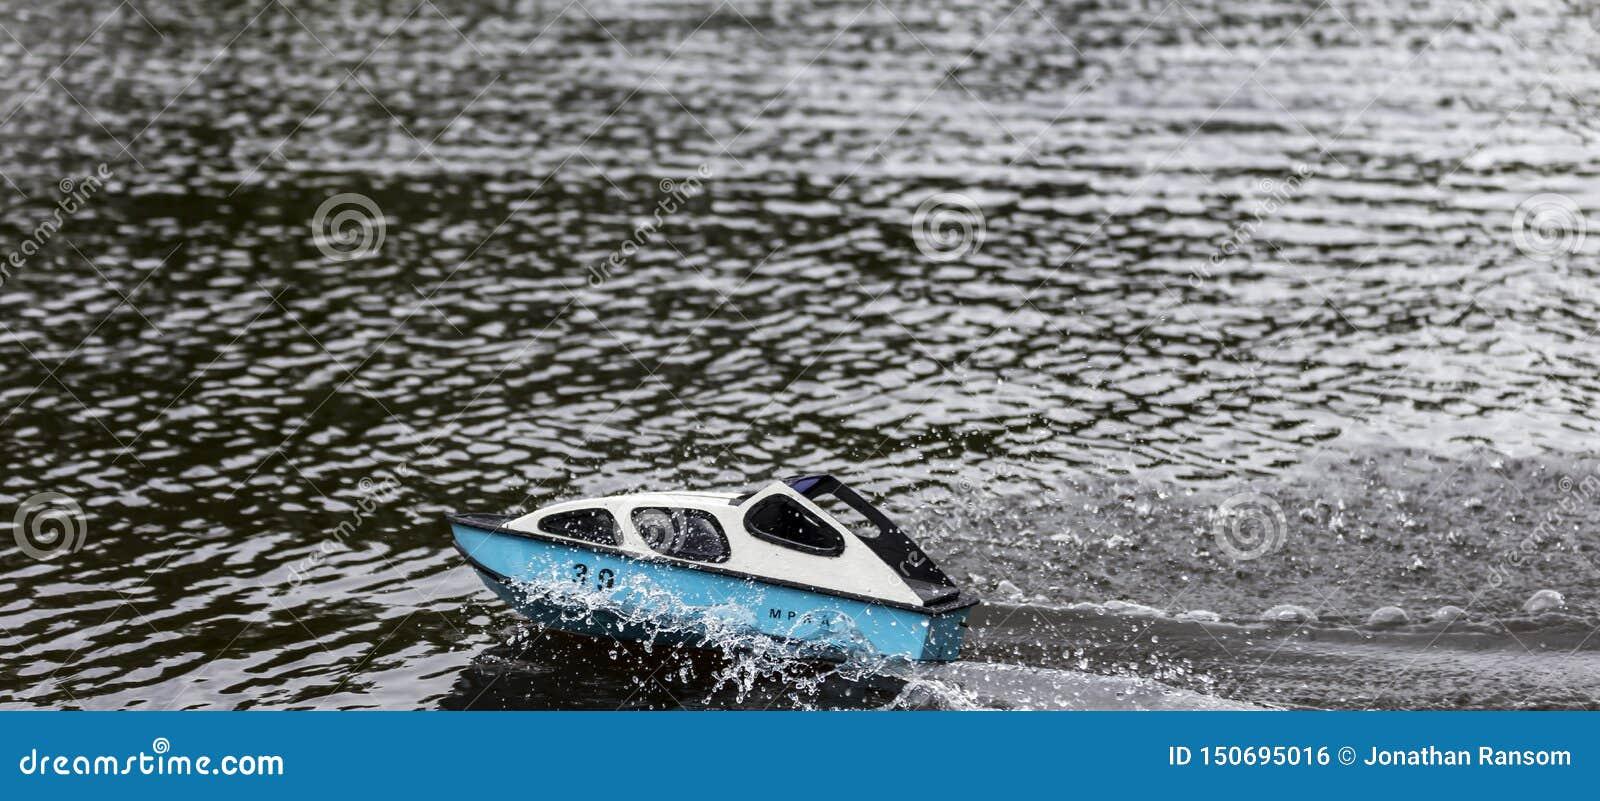 Łódź motorowa Ściga się Na jeziorze Powoduje fale